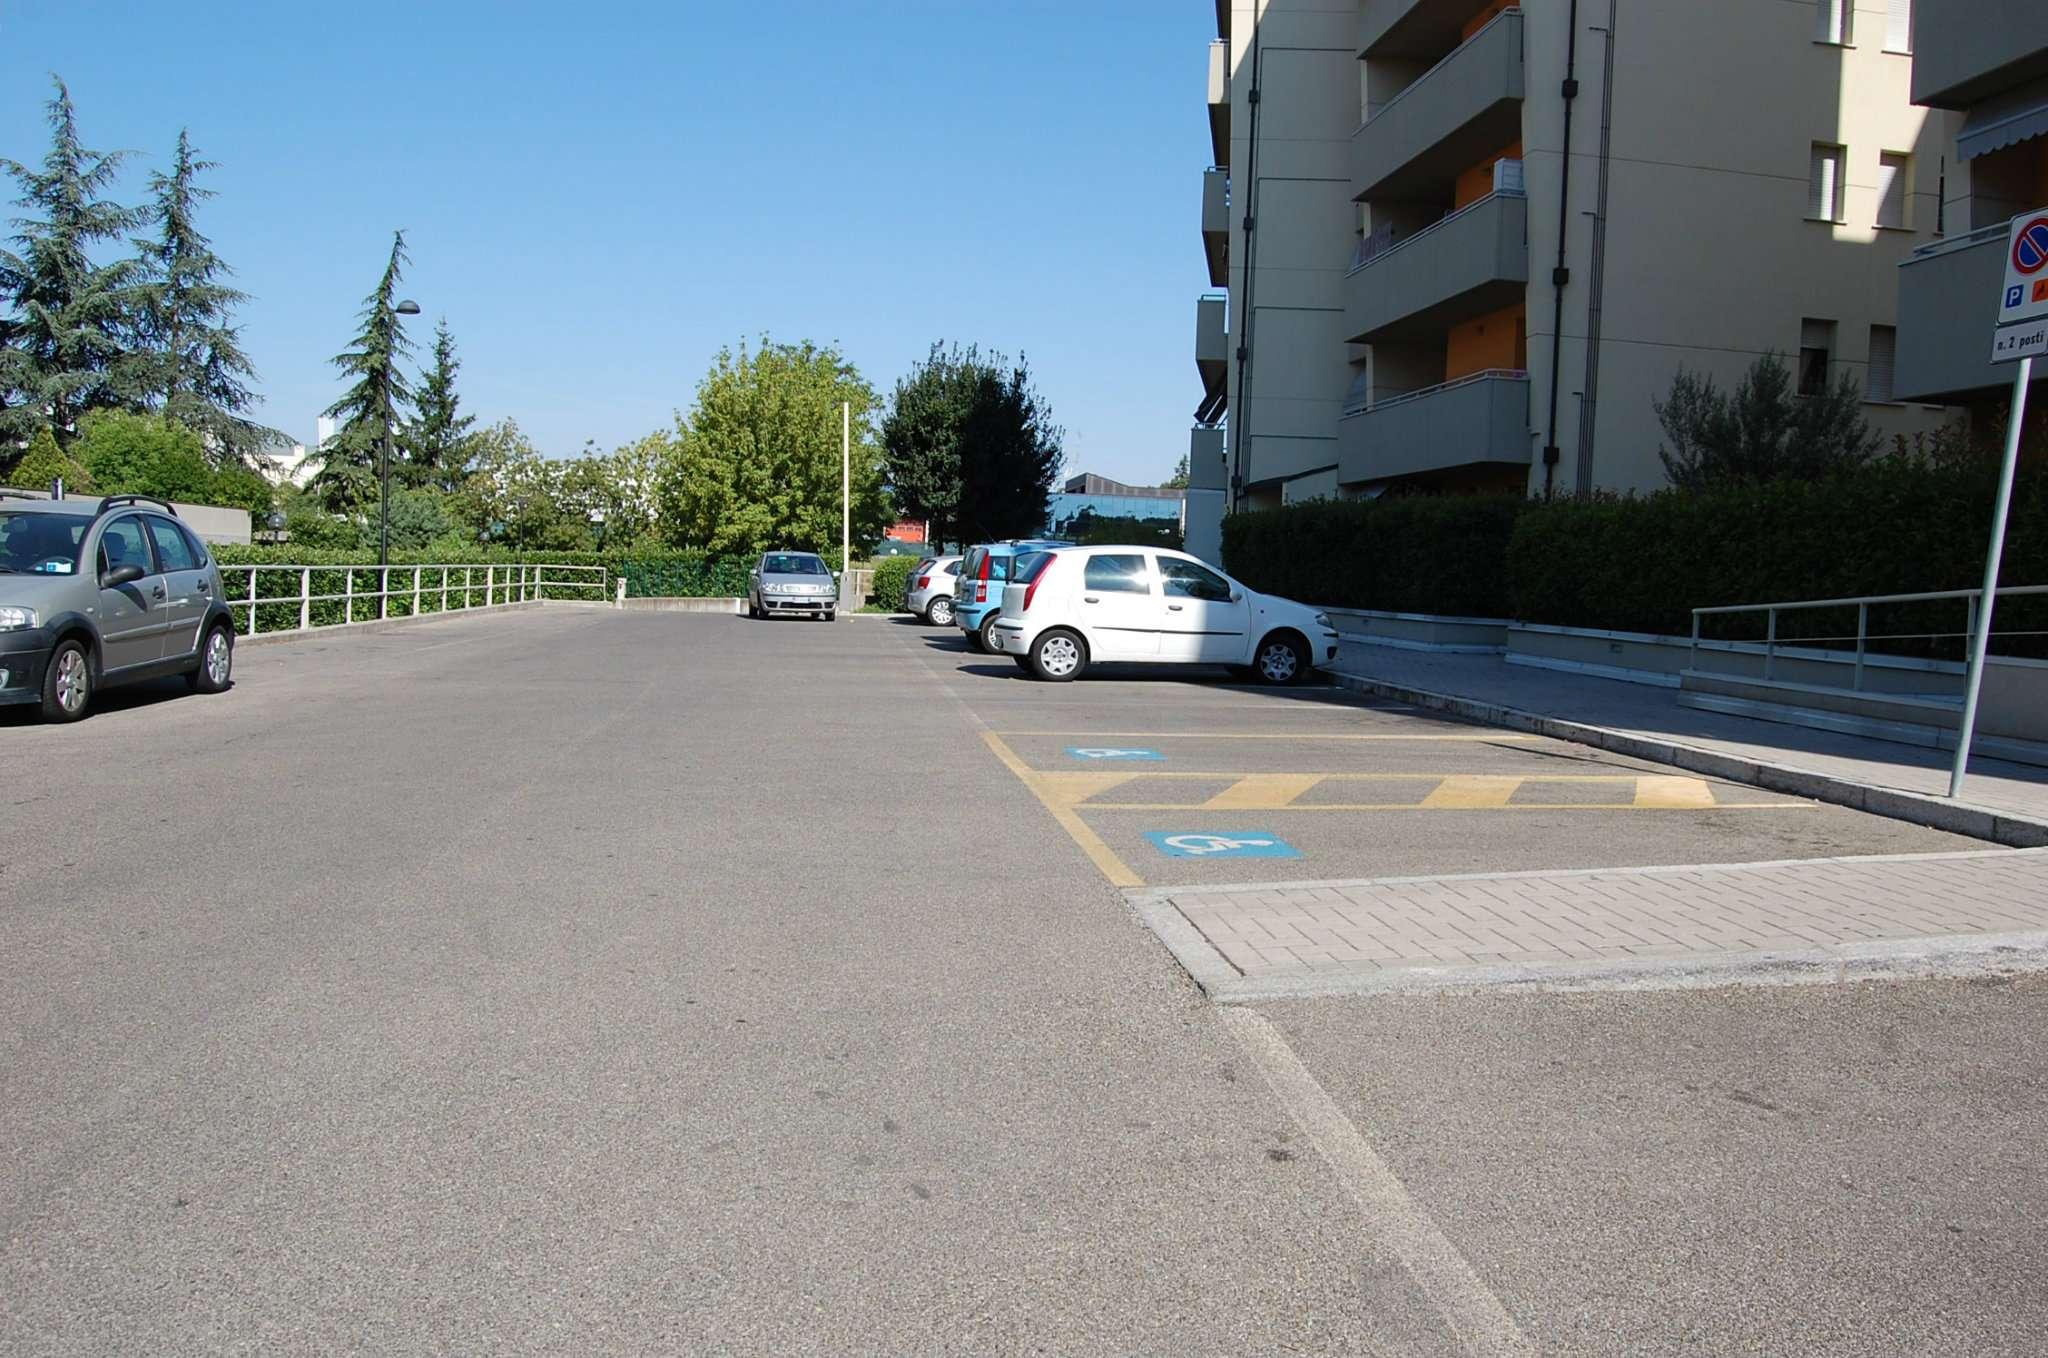 Appartamento in affitto a Imola, 2 locali, prezzo € 440 | CambioCasa.it